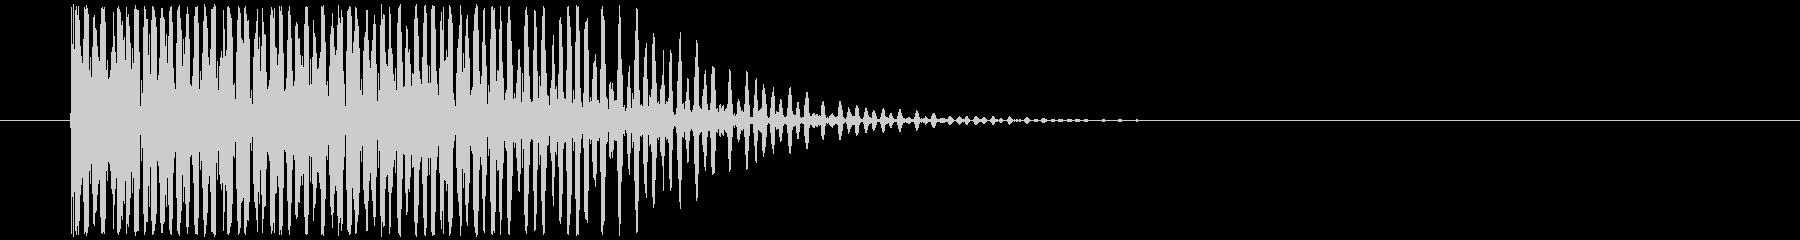 ビブラスラップの未再生の波形